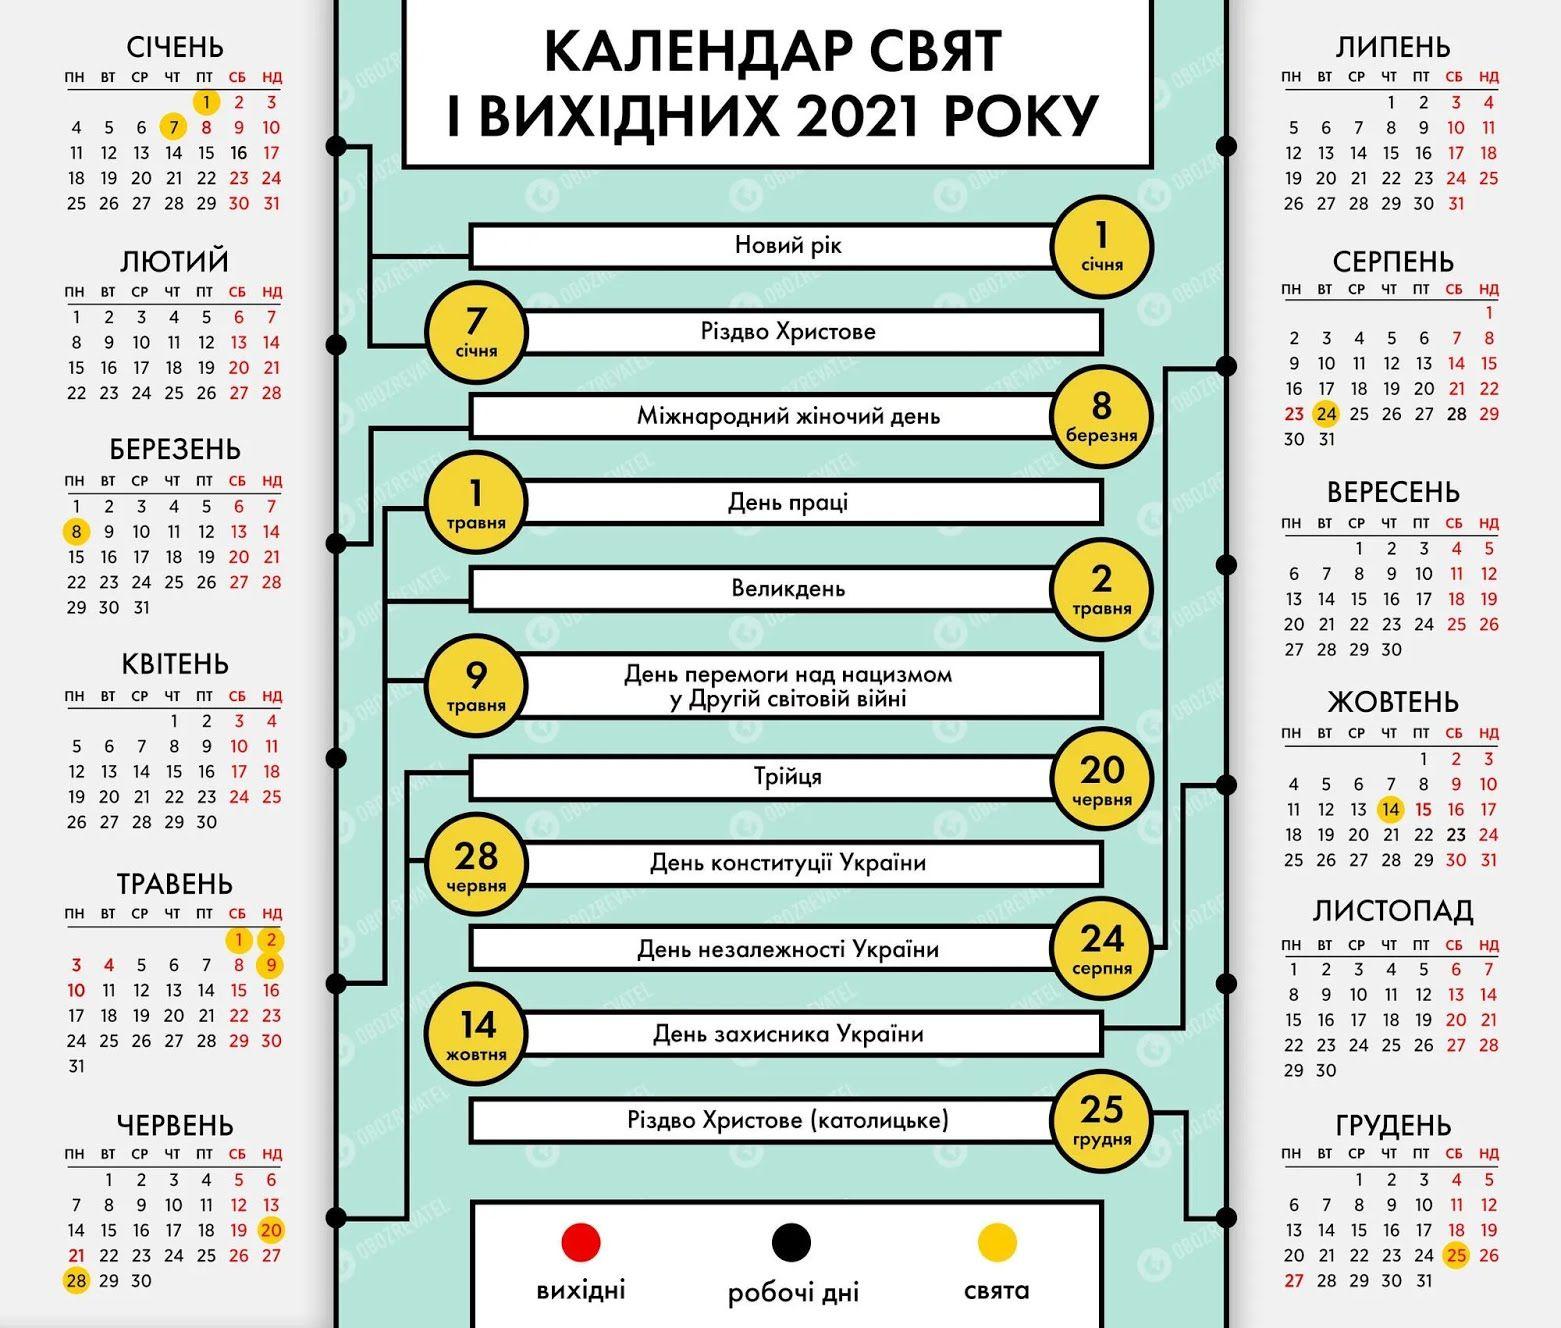 2021 року в Україні буде 115 офіційних вихідних